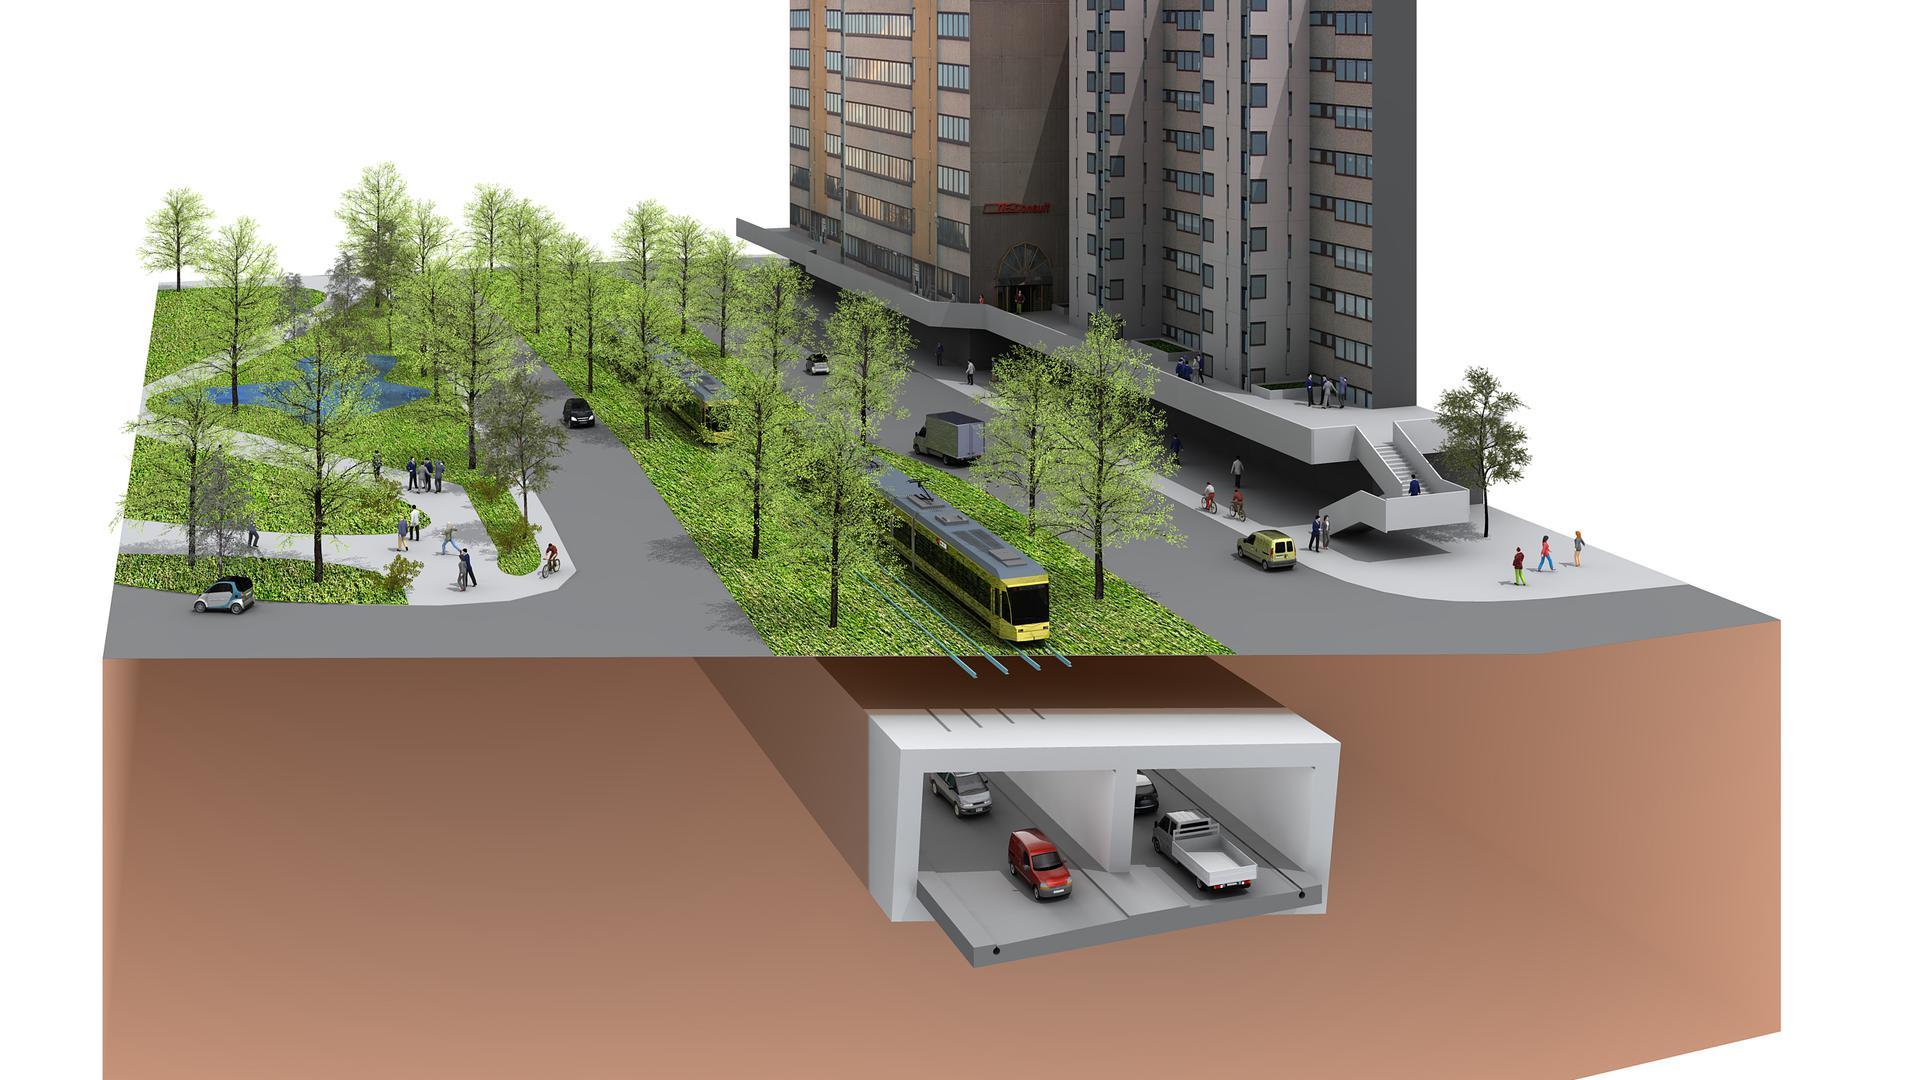 Illustration des neuen Autotunnels im Rahmen der Kombilösung unter der Karlsruher Kriegsstraße.